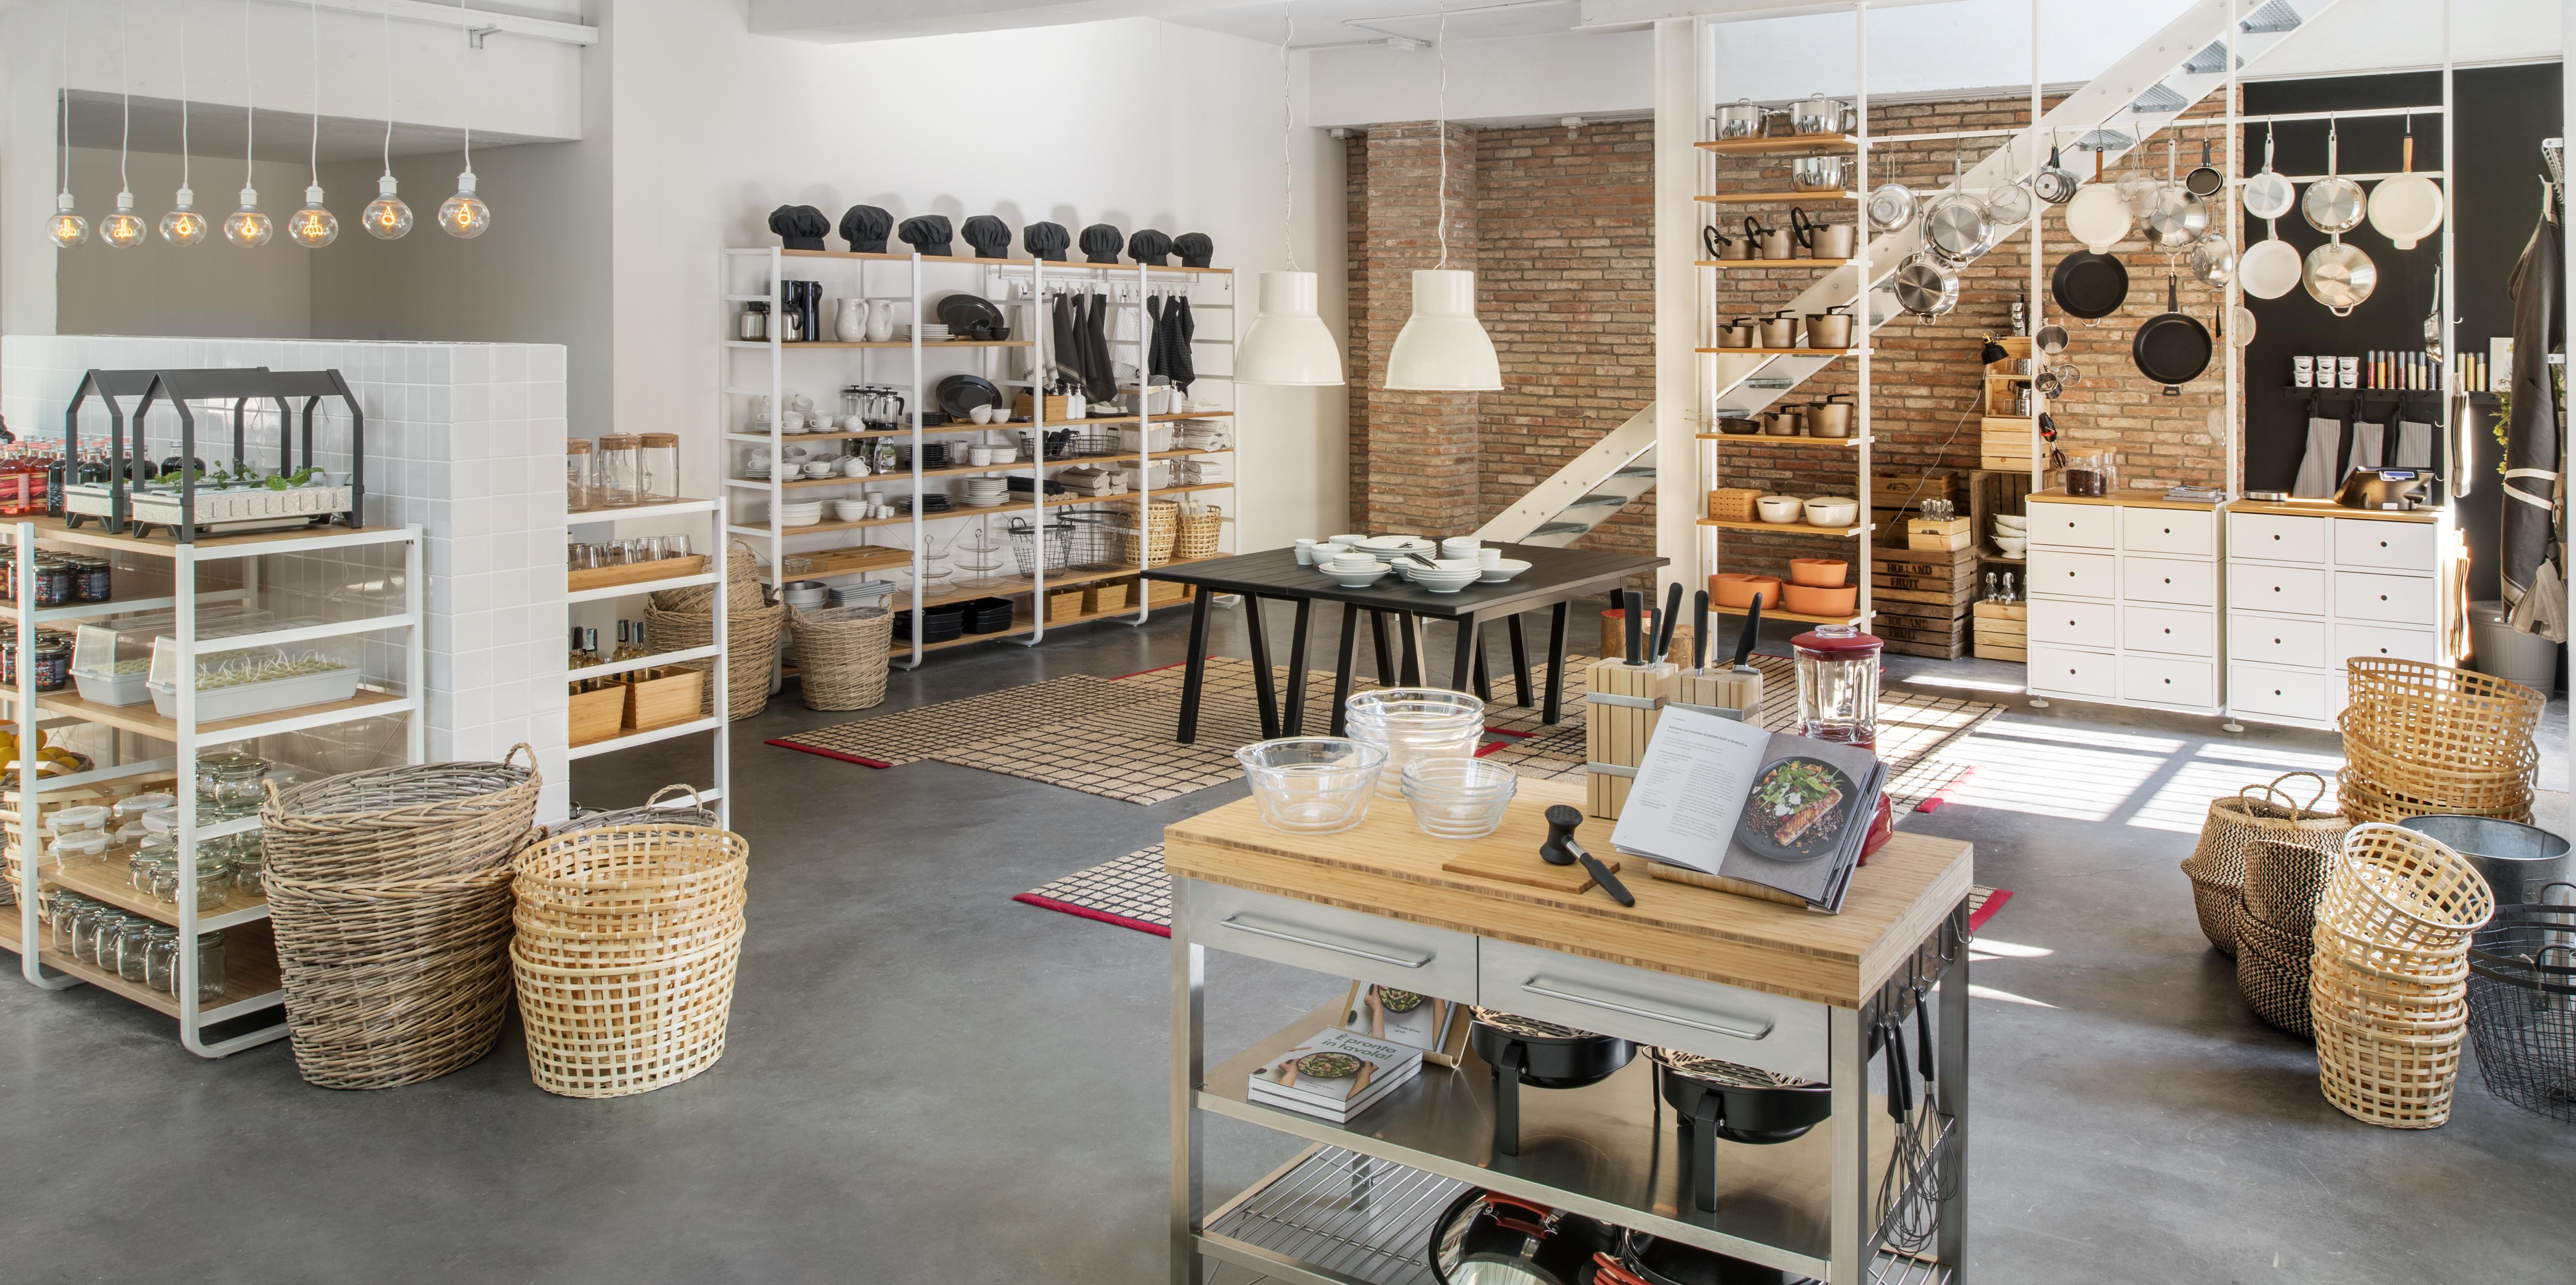 Ikea brescia cucine cucina con boiserie in legno chiaro la nostra cucina sarebbe questa - Ikea brescia catalogo ...